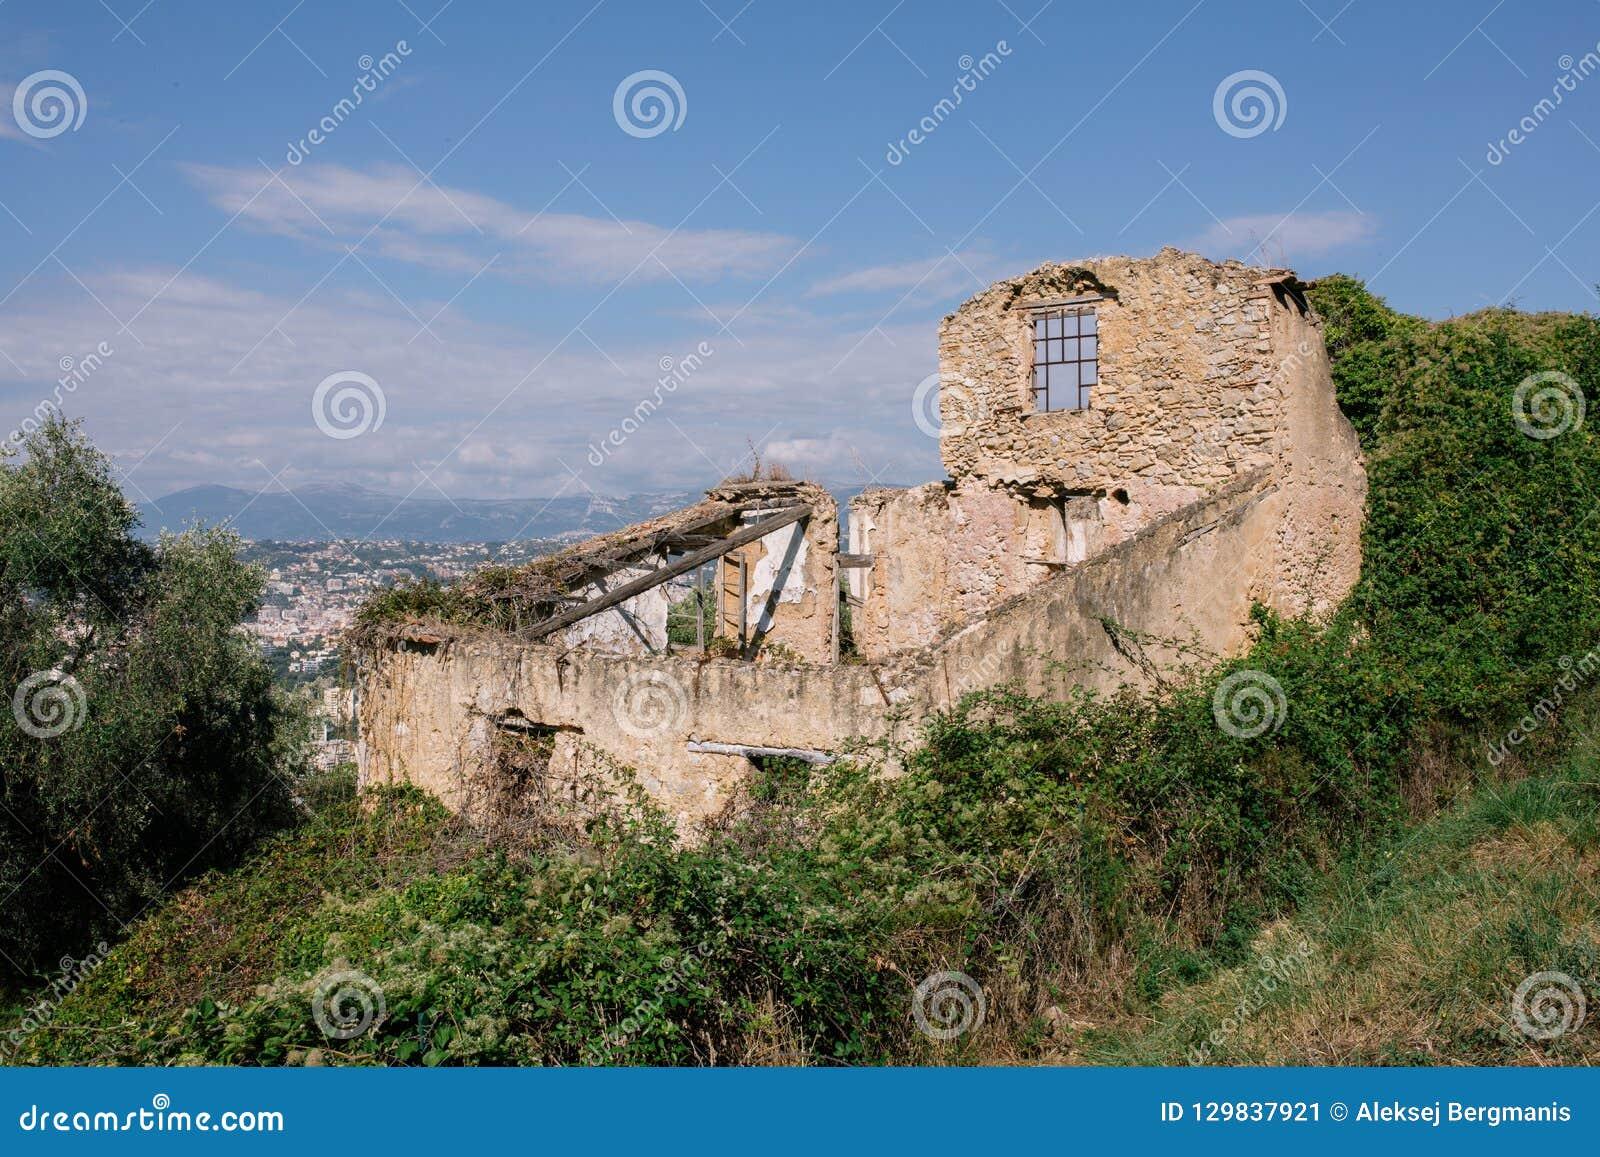 Ruines en pierre de maison sur le mur dans la ville européenne du sud